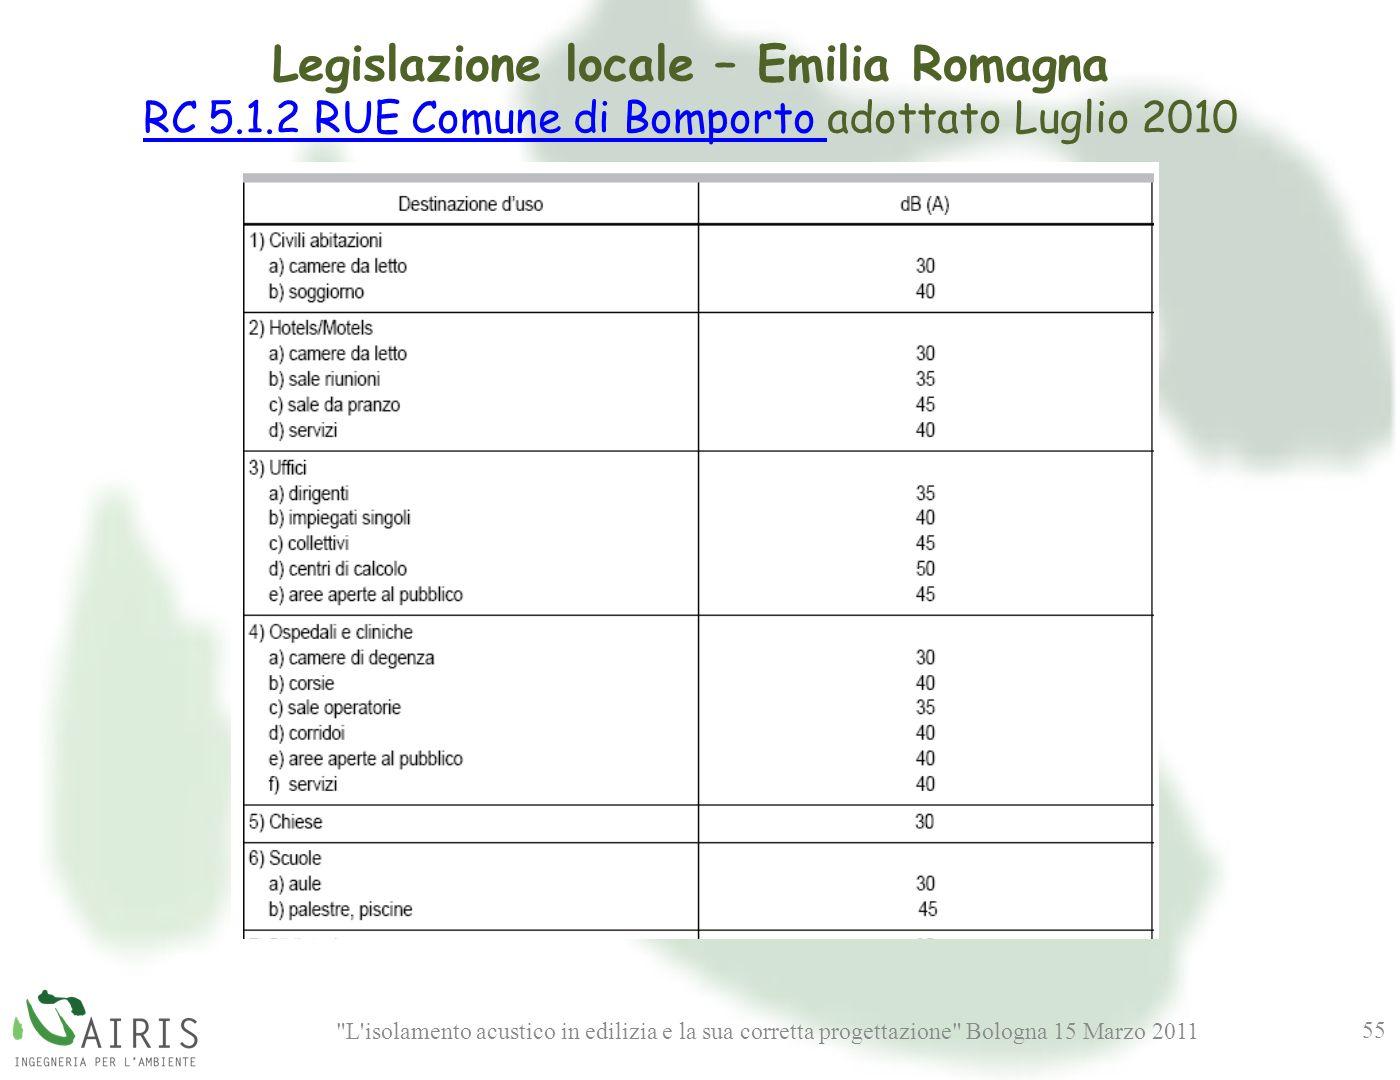 L isolamento acustico in edilizia e la sua corretta progettazione Bologna 15 Marzo 2011 55 Legislazione locale – Emilia Romagna RC 5.1.2 RUE Comune di Bomporto RC 5.1.2 RUE Comune di Bomporto adottato Luglio 2010